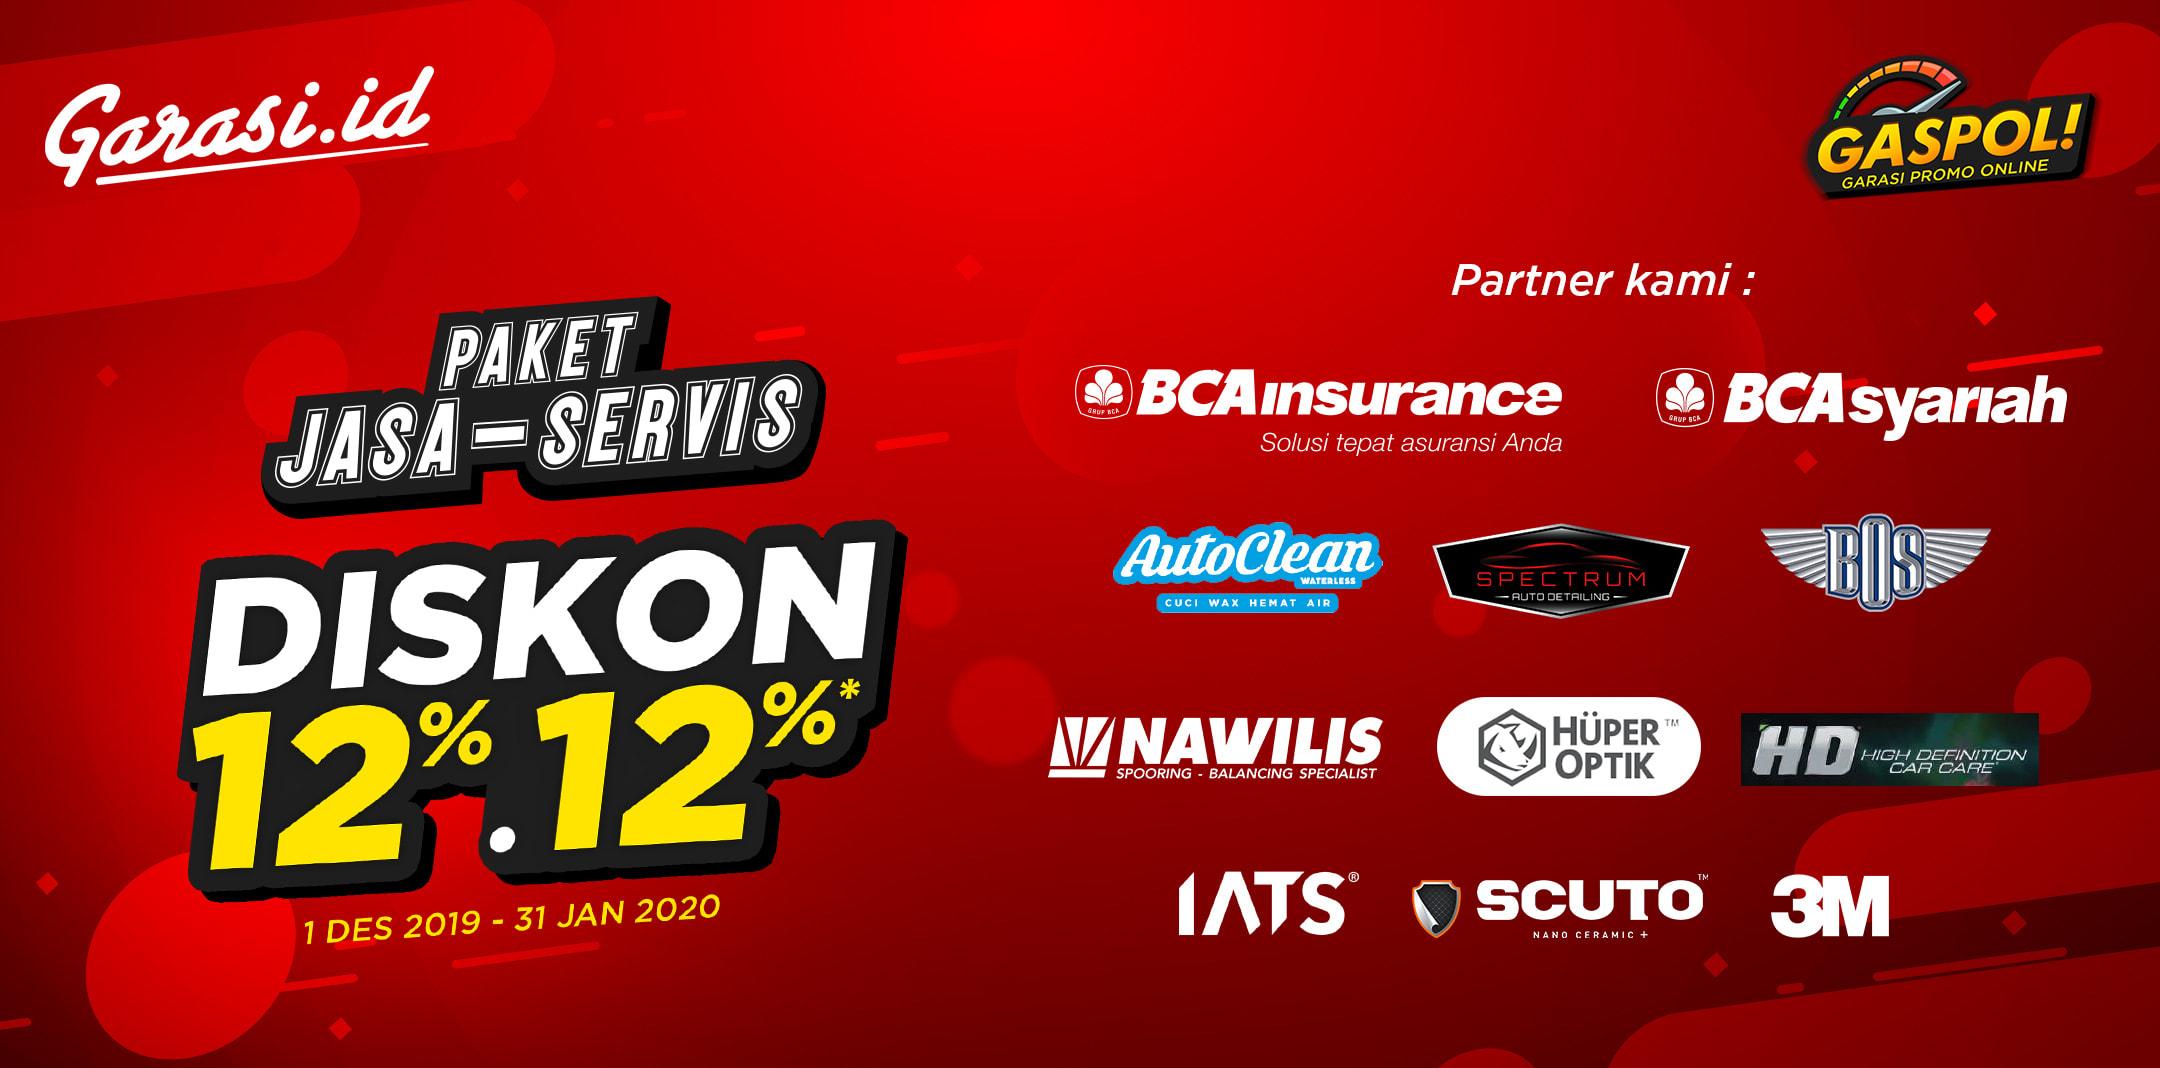 Nikmati diskon 12% untuk seluruh produk jasa dan servis